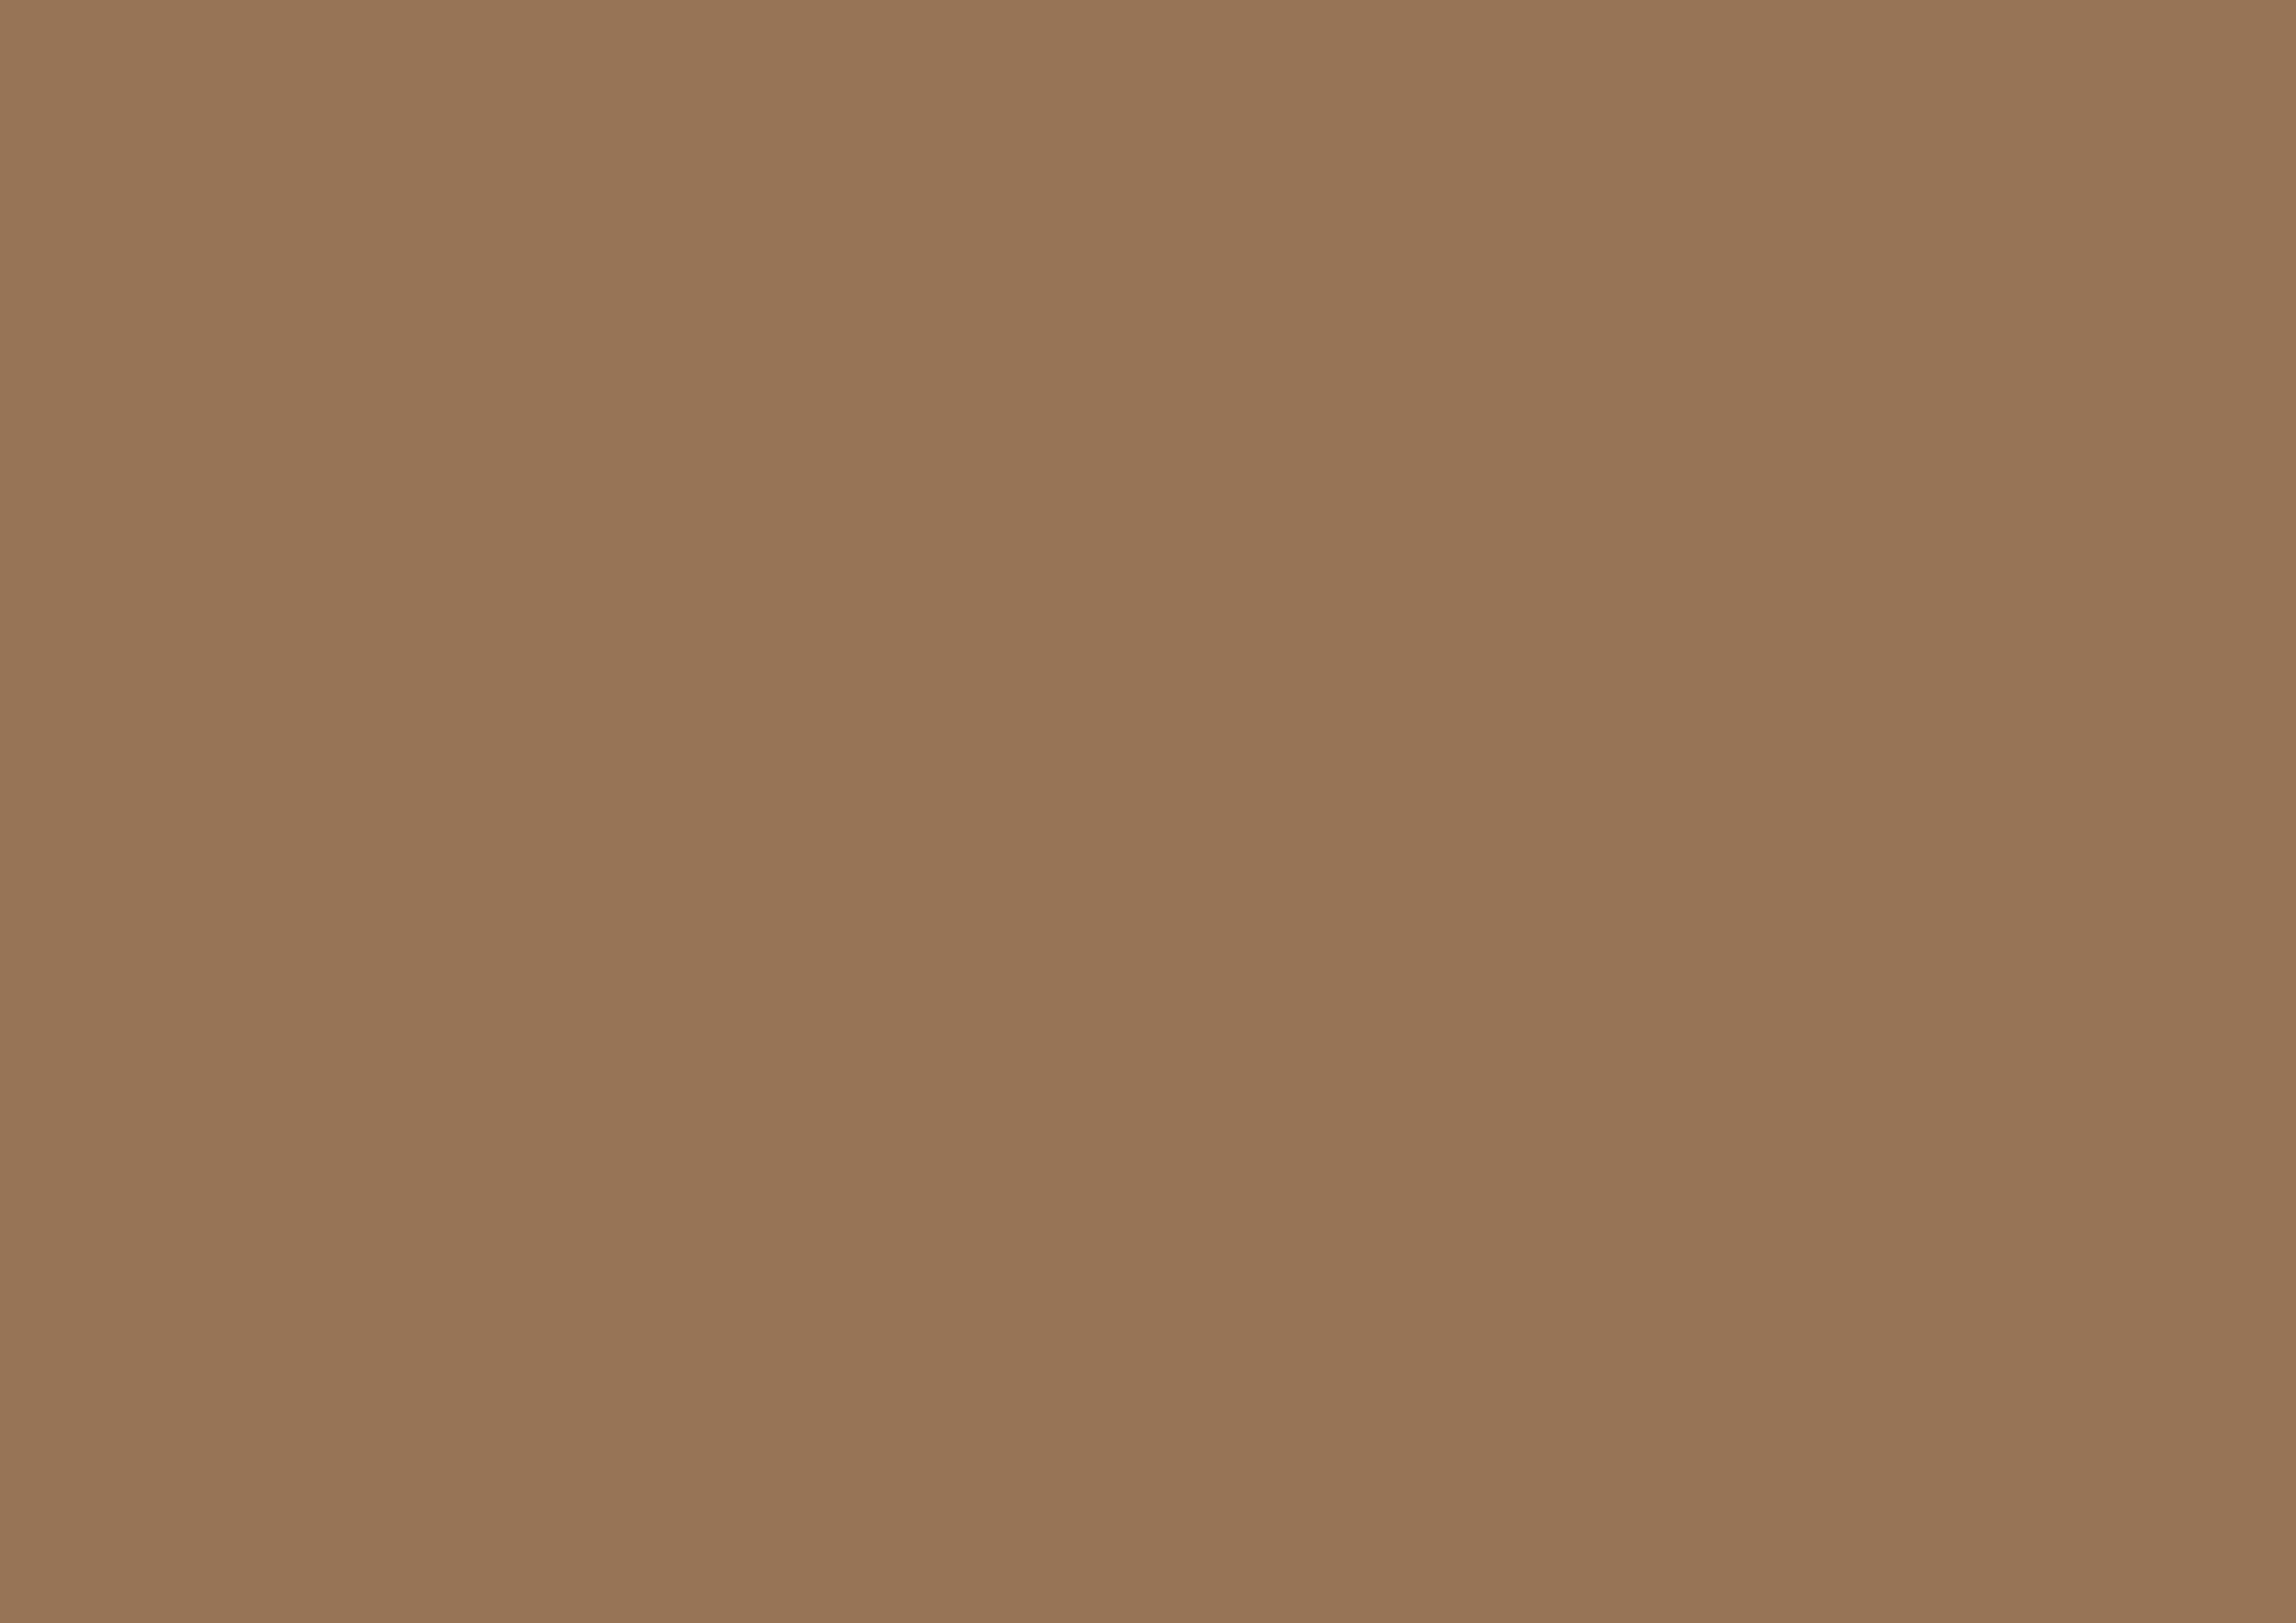 3508x2480 Liver Chestnut Solid Color Background